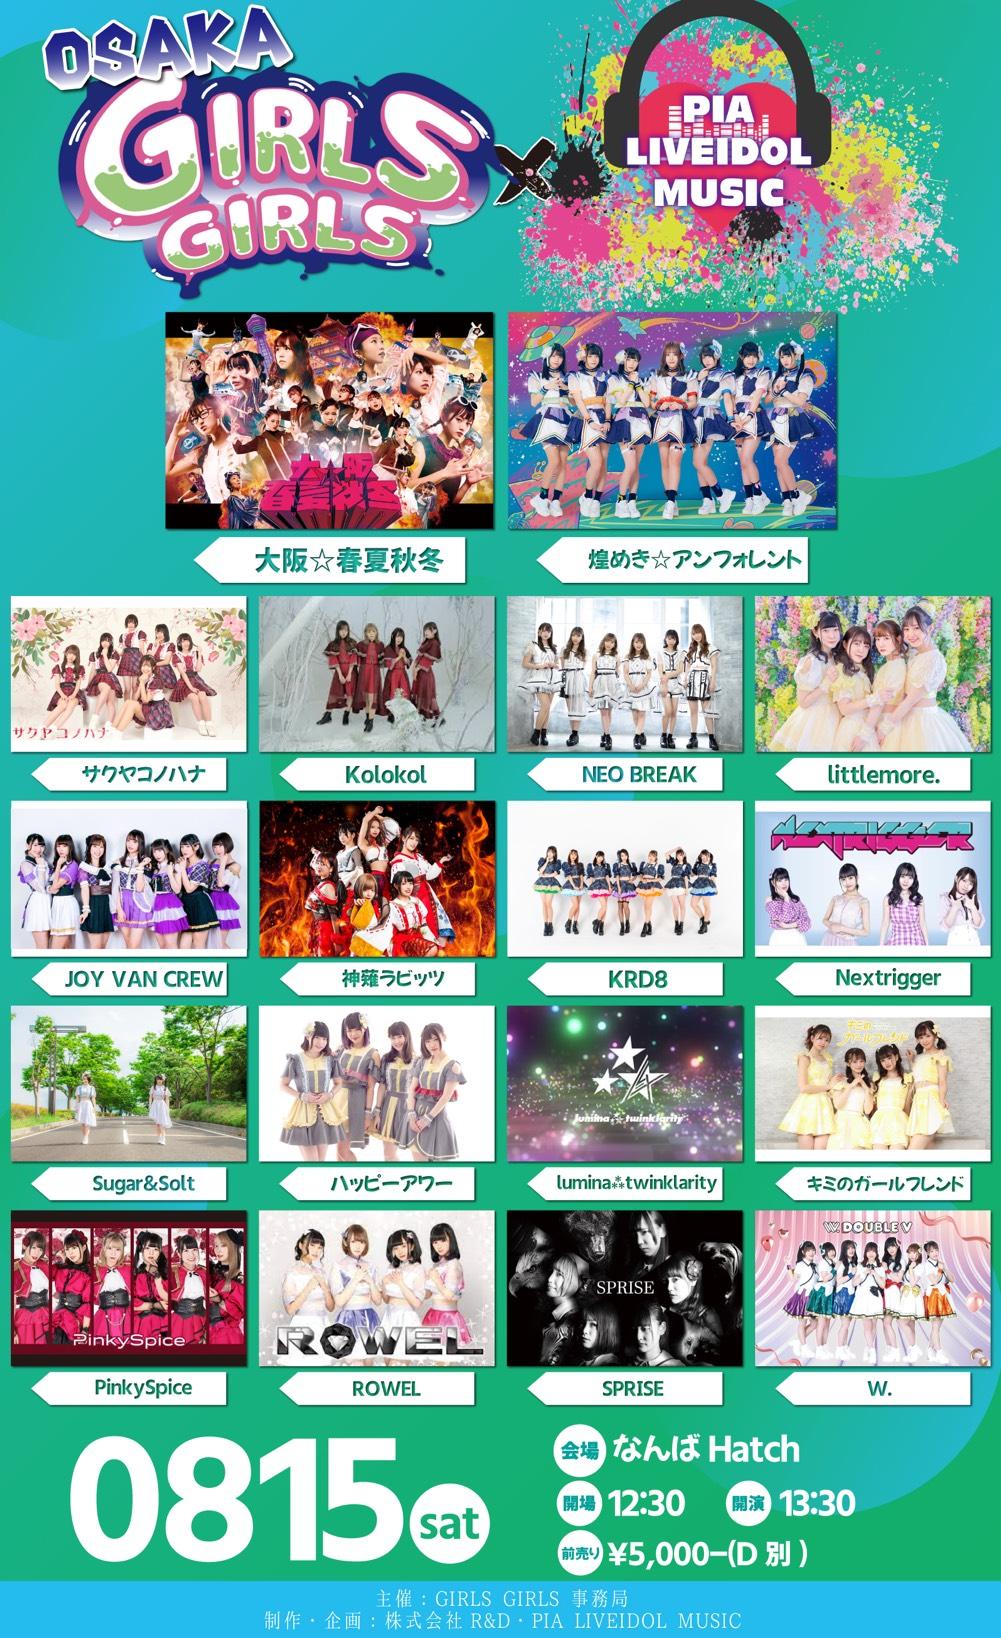 8/15(土) OSAKA GIRLS GIRLS × PIA LIVEIDOL MUSIC